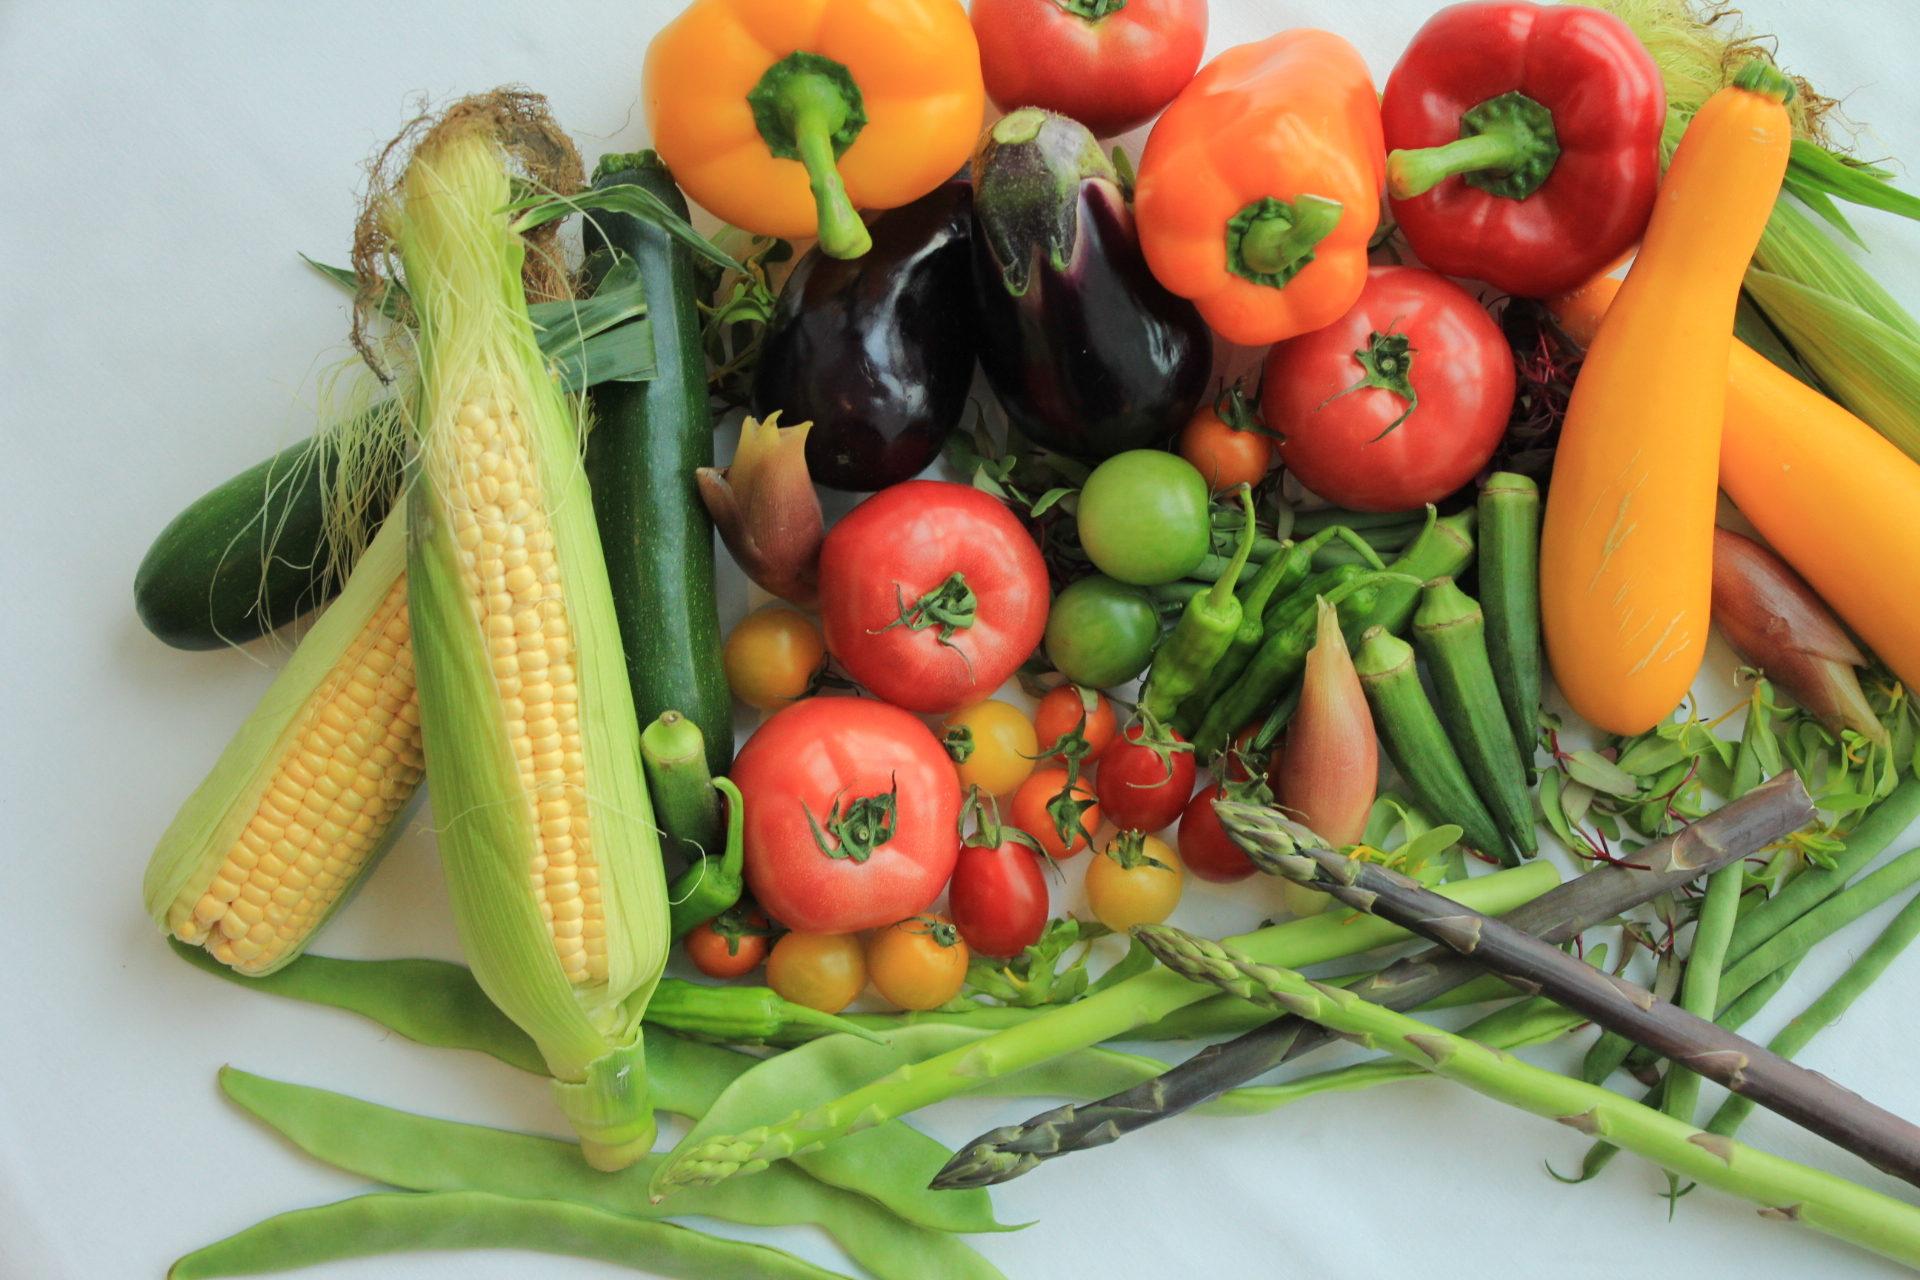 業務用野菜のTSUKASA